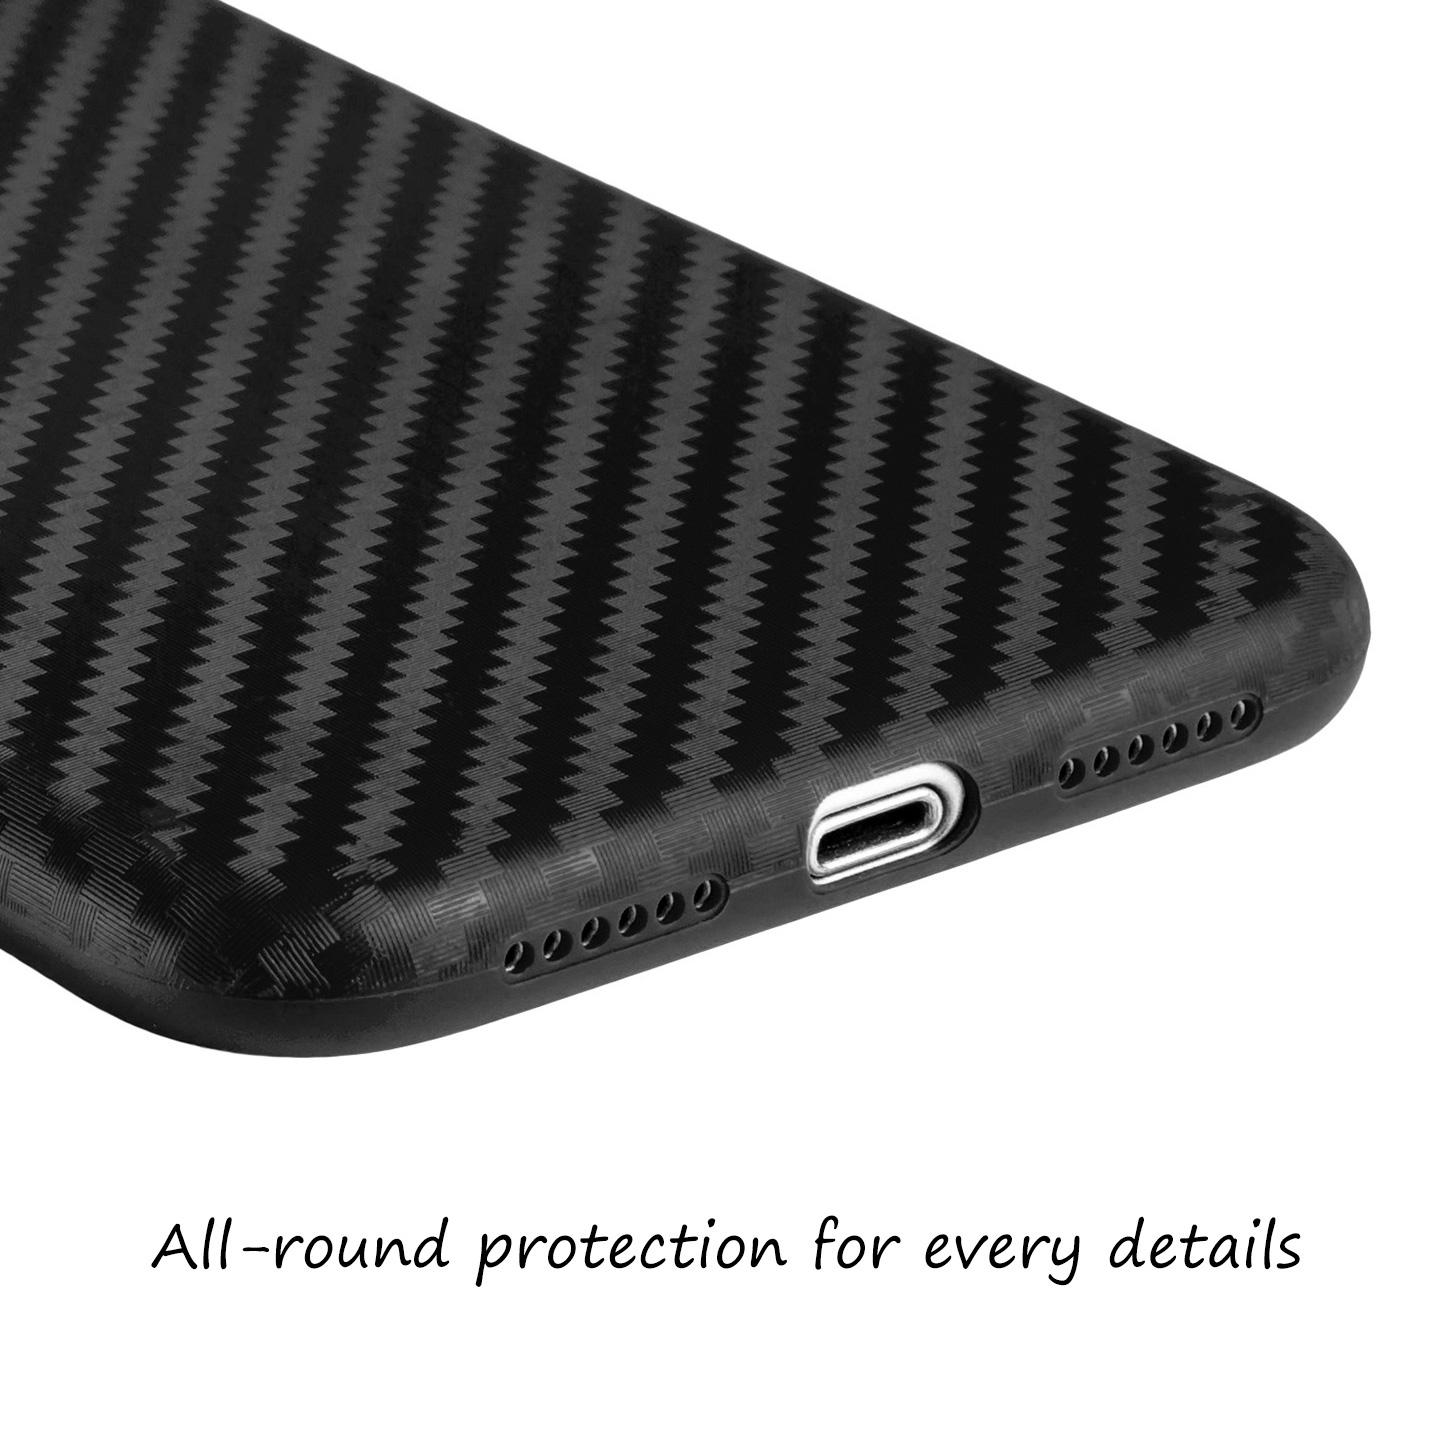 Ultra-Slim-Case-iPhone-11-6-1-034-Matt-Clear-Schutz-Huelle-Skin-Cover-Tasche-Folie Indexbild 12